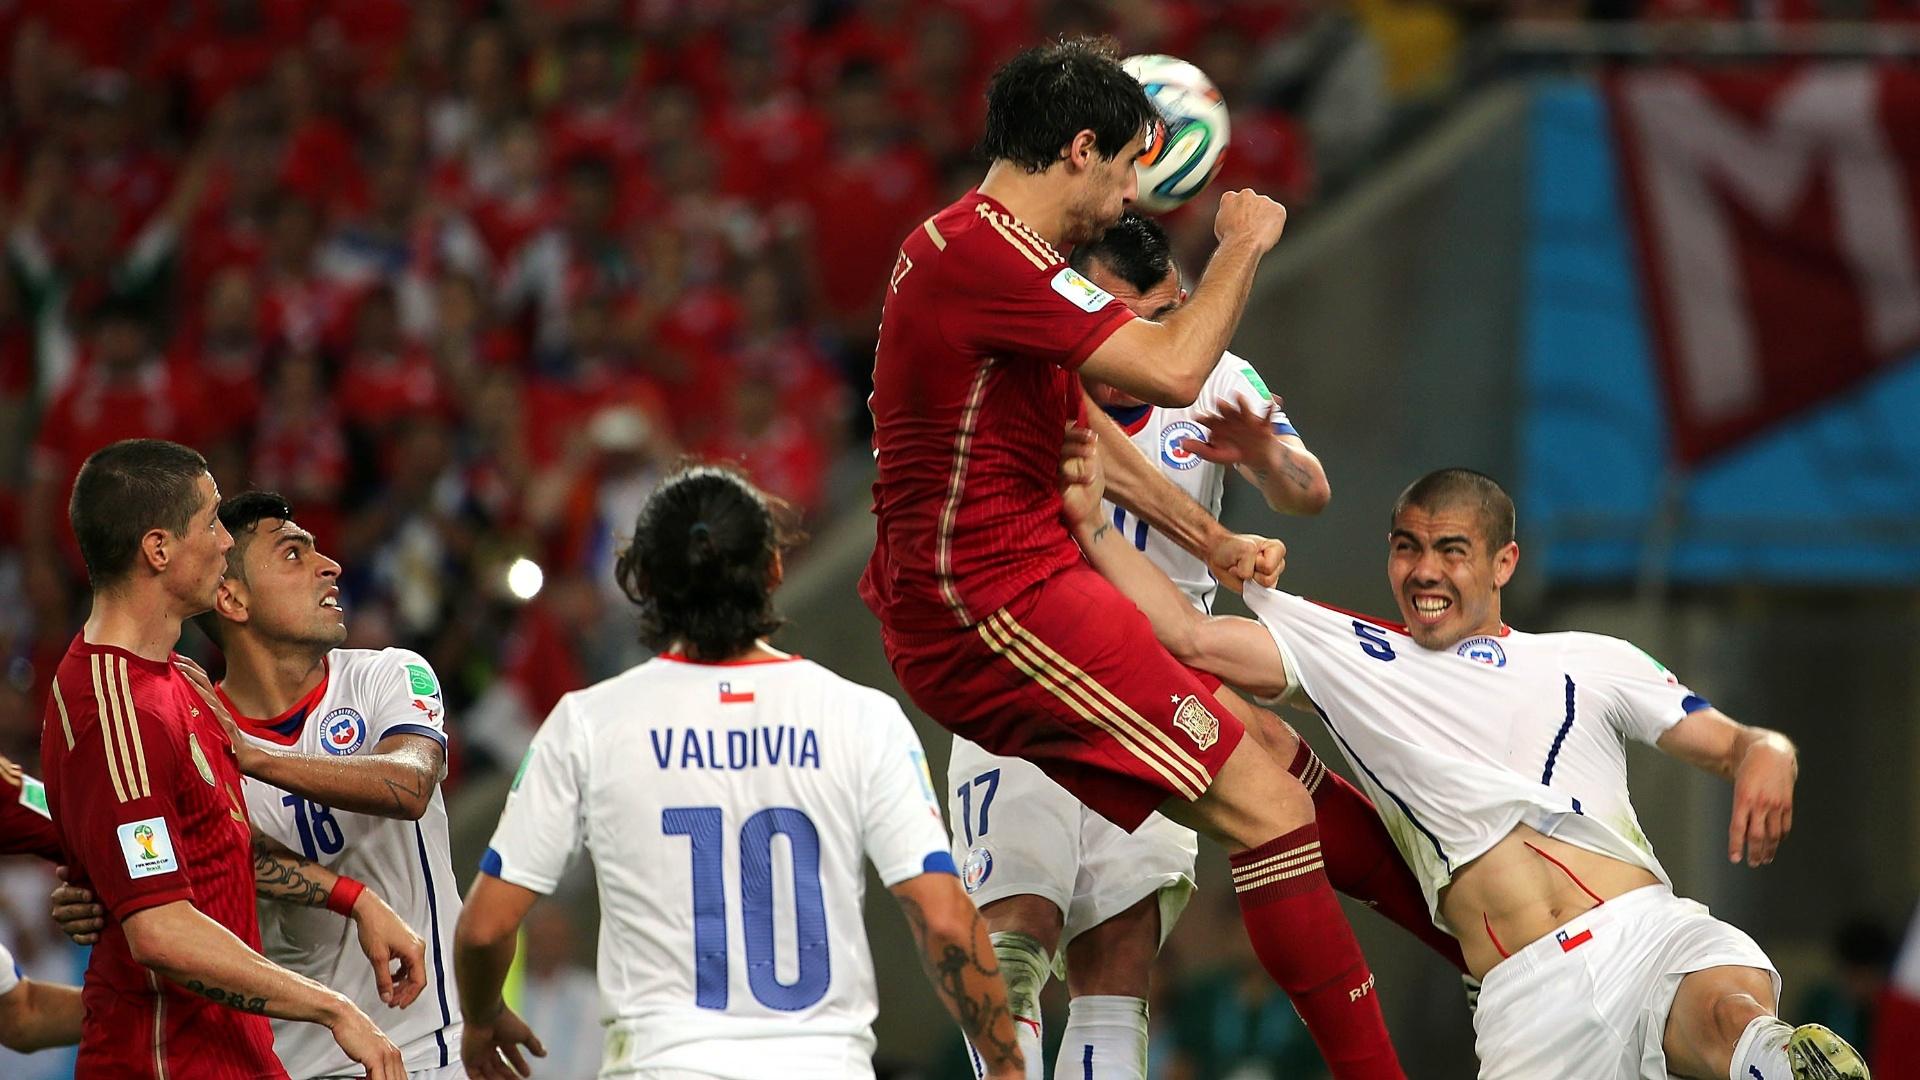 Espanhol Javi Martínez divide a bola no alto na derrota para o Chile por 2 a 0. Os atuais campeões estão fora da Copa do Mundo